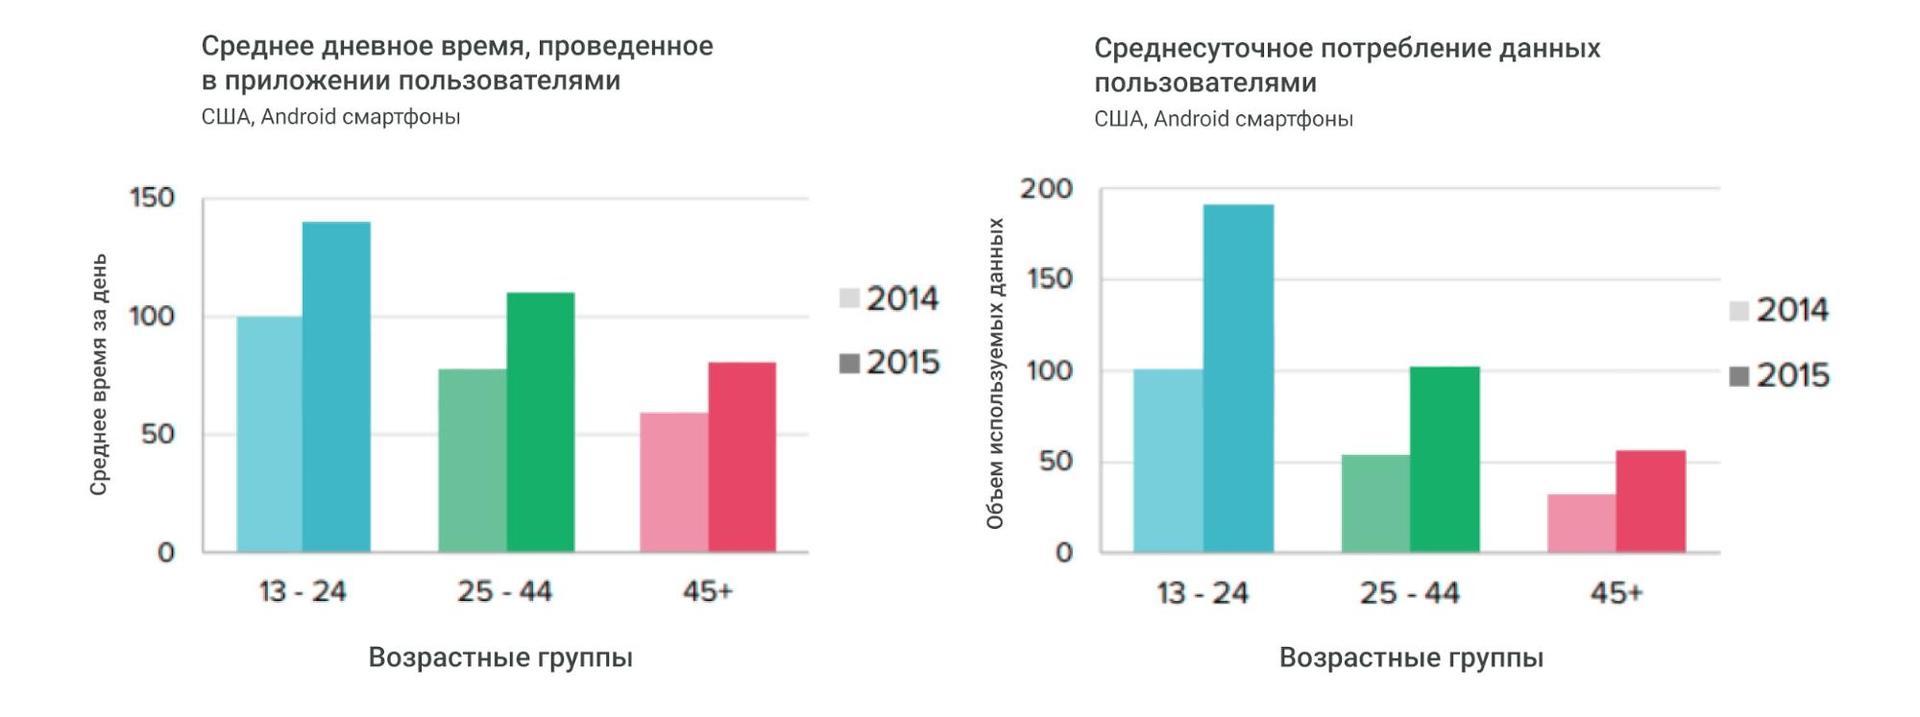 Исследование предпочтений пользователей мобильных приложений в соответствии с возрастом - 1